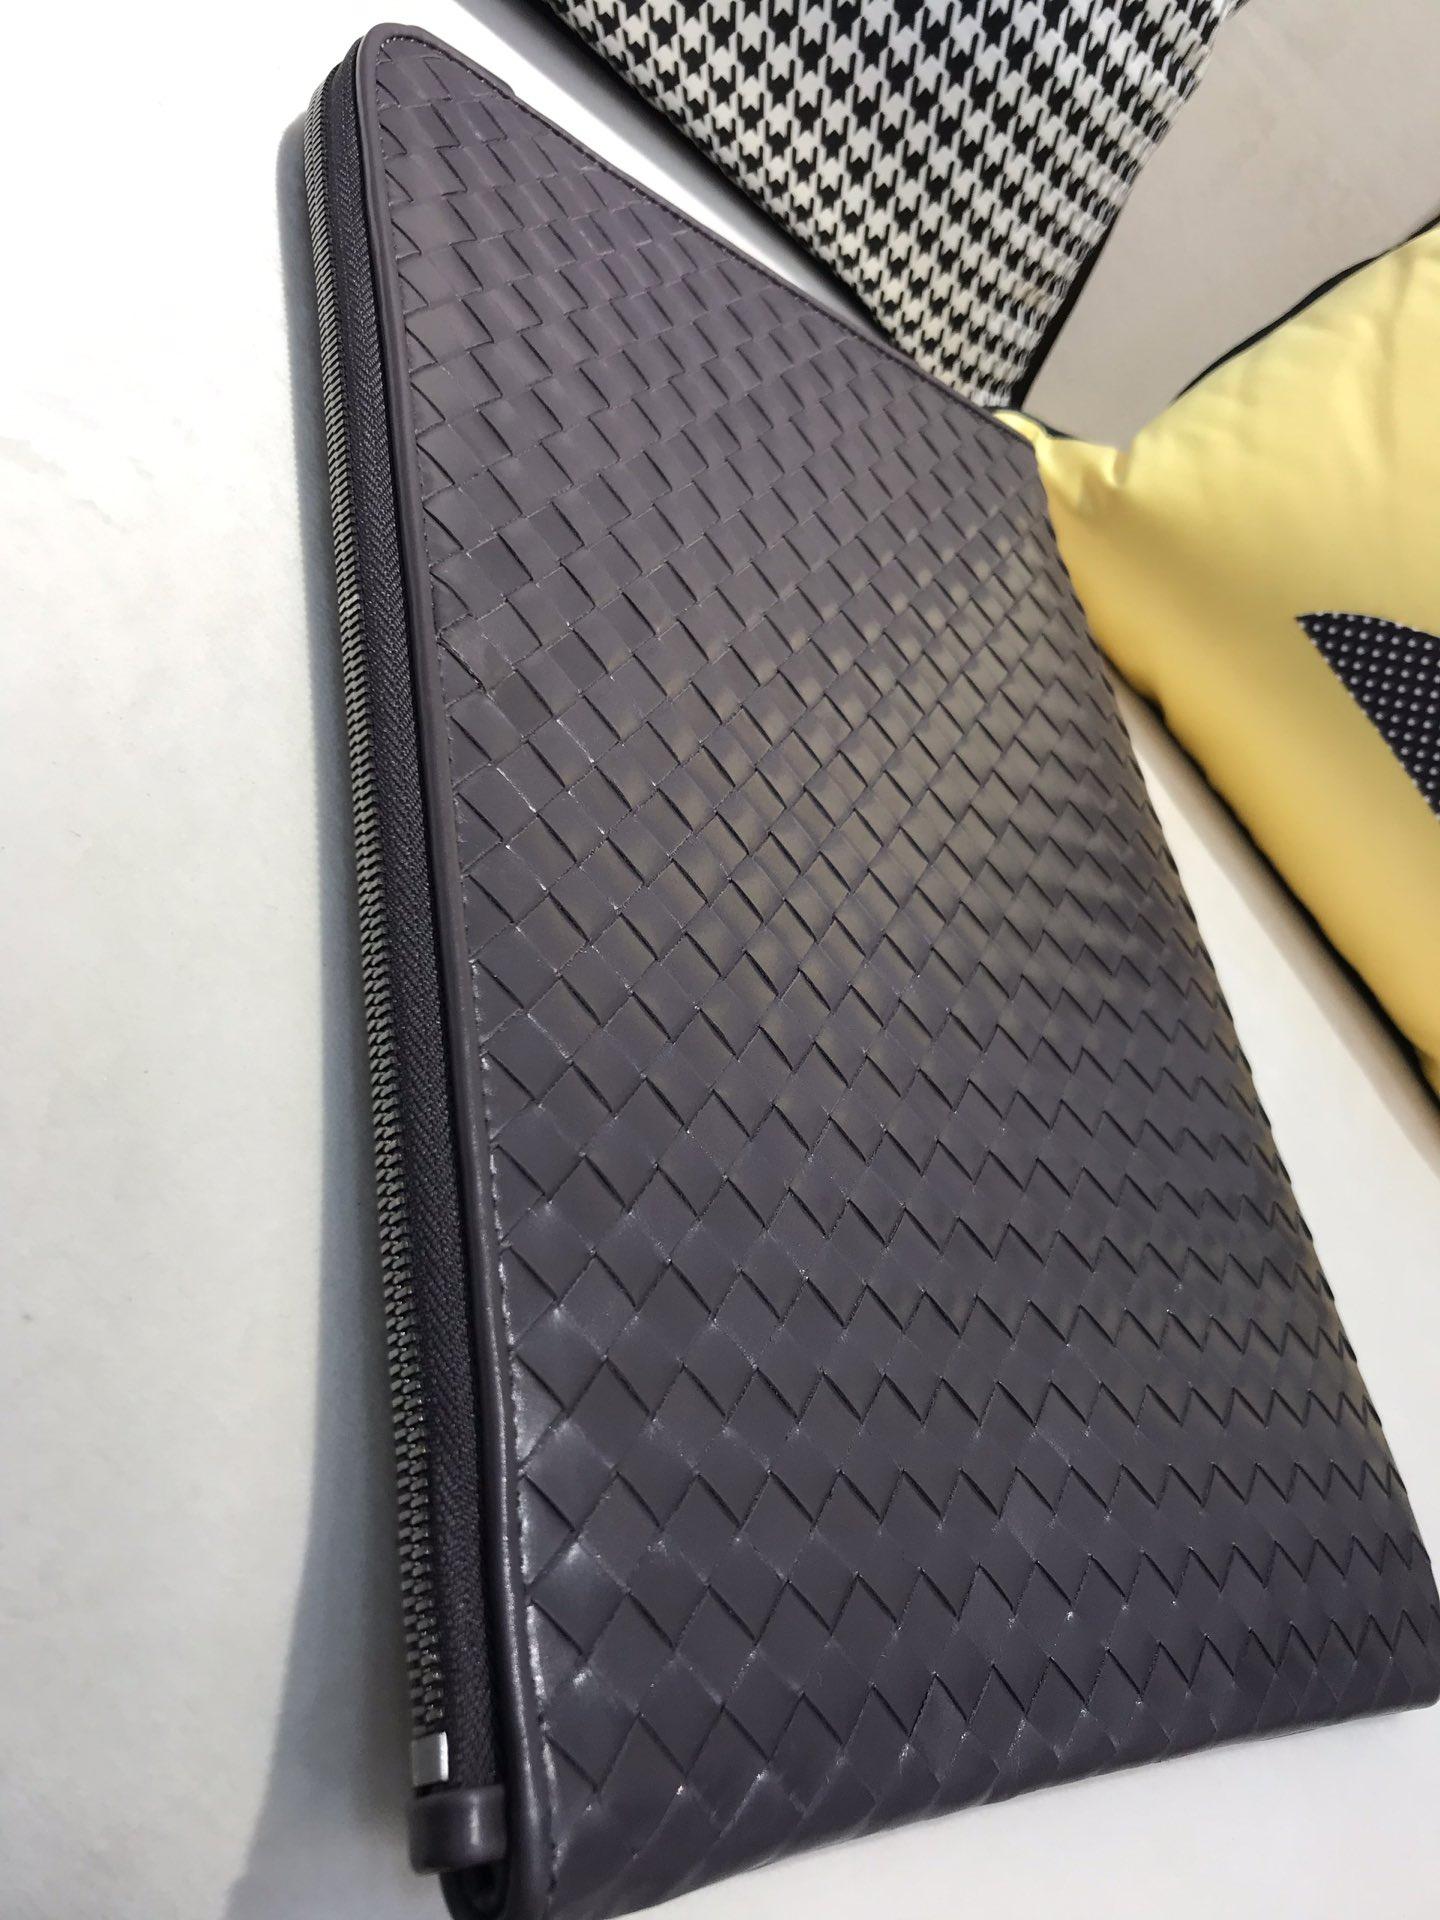 BV官方同步 代购版7781 顶级原版胎牛皮 35cm 黑色 超大容量